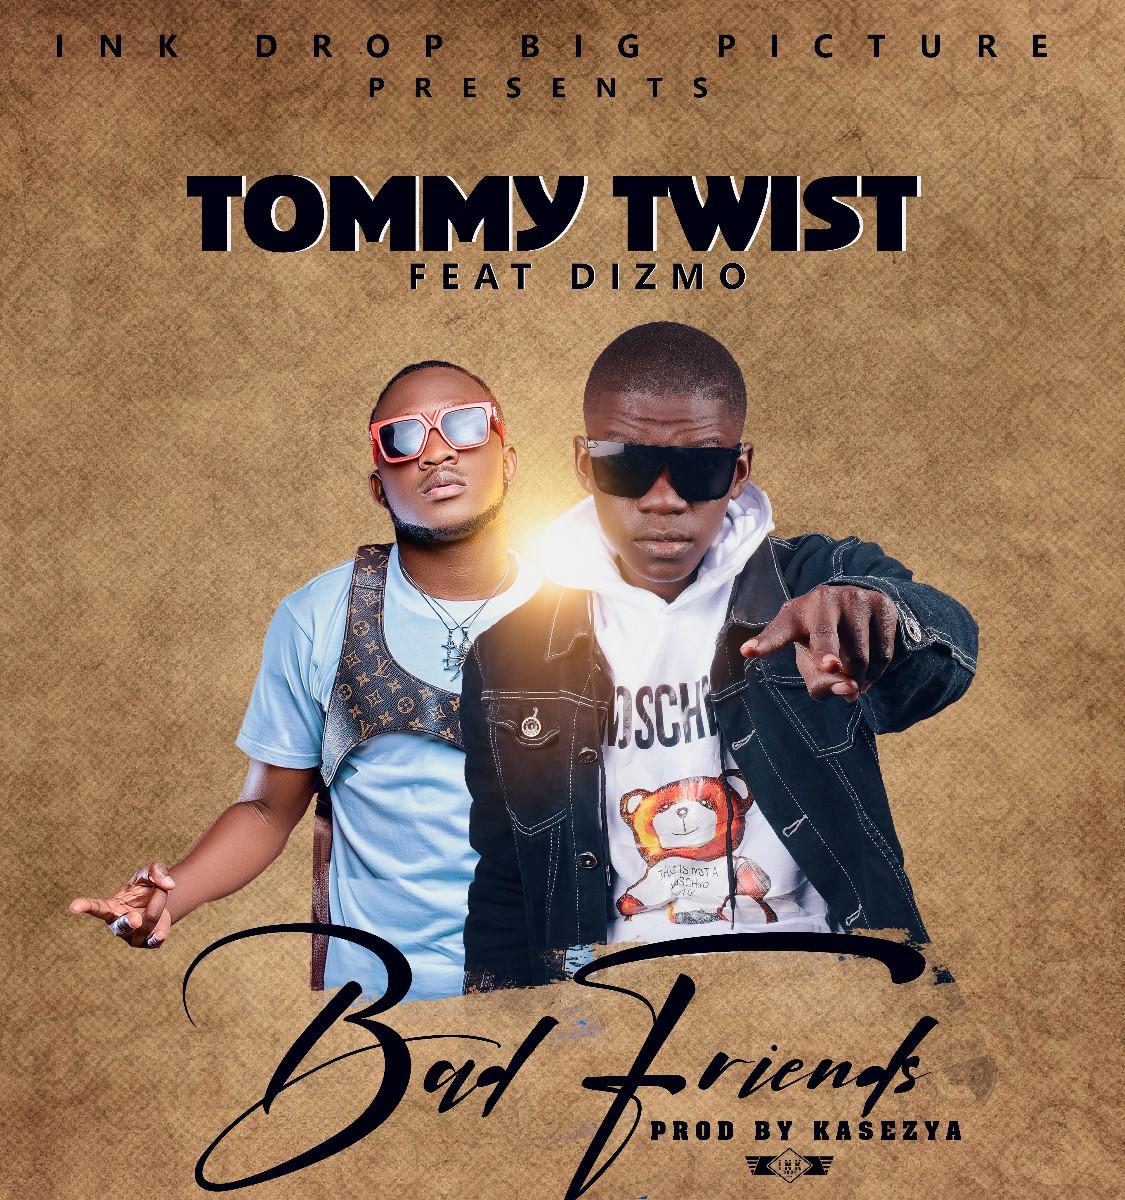 Tommy Twist ft. Dizmo - Bad Friends